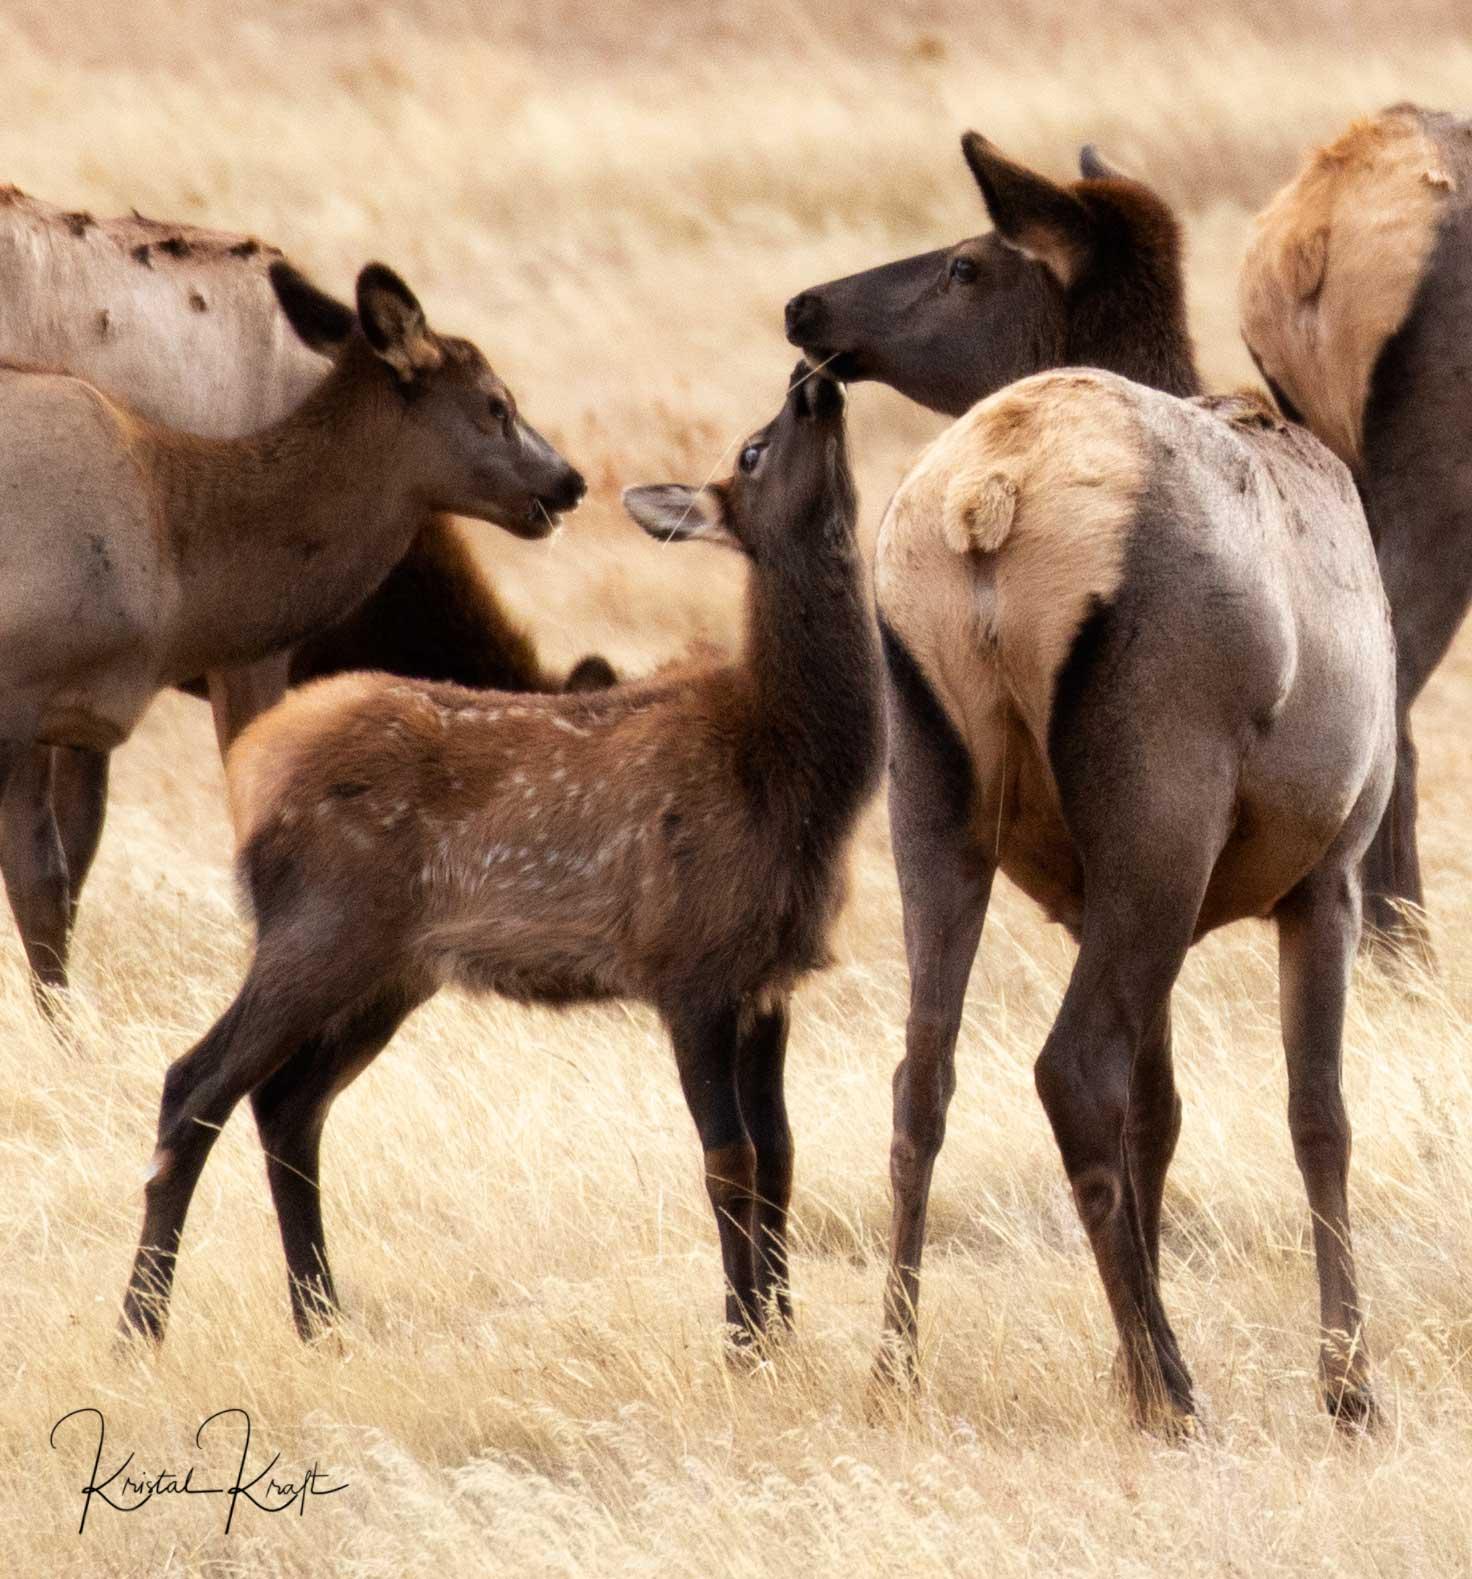 Baby elk kissing momma elk